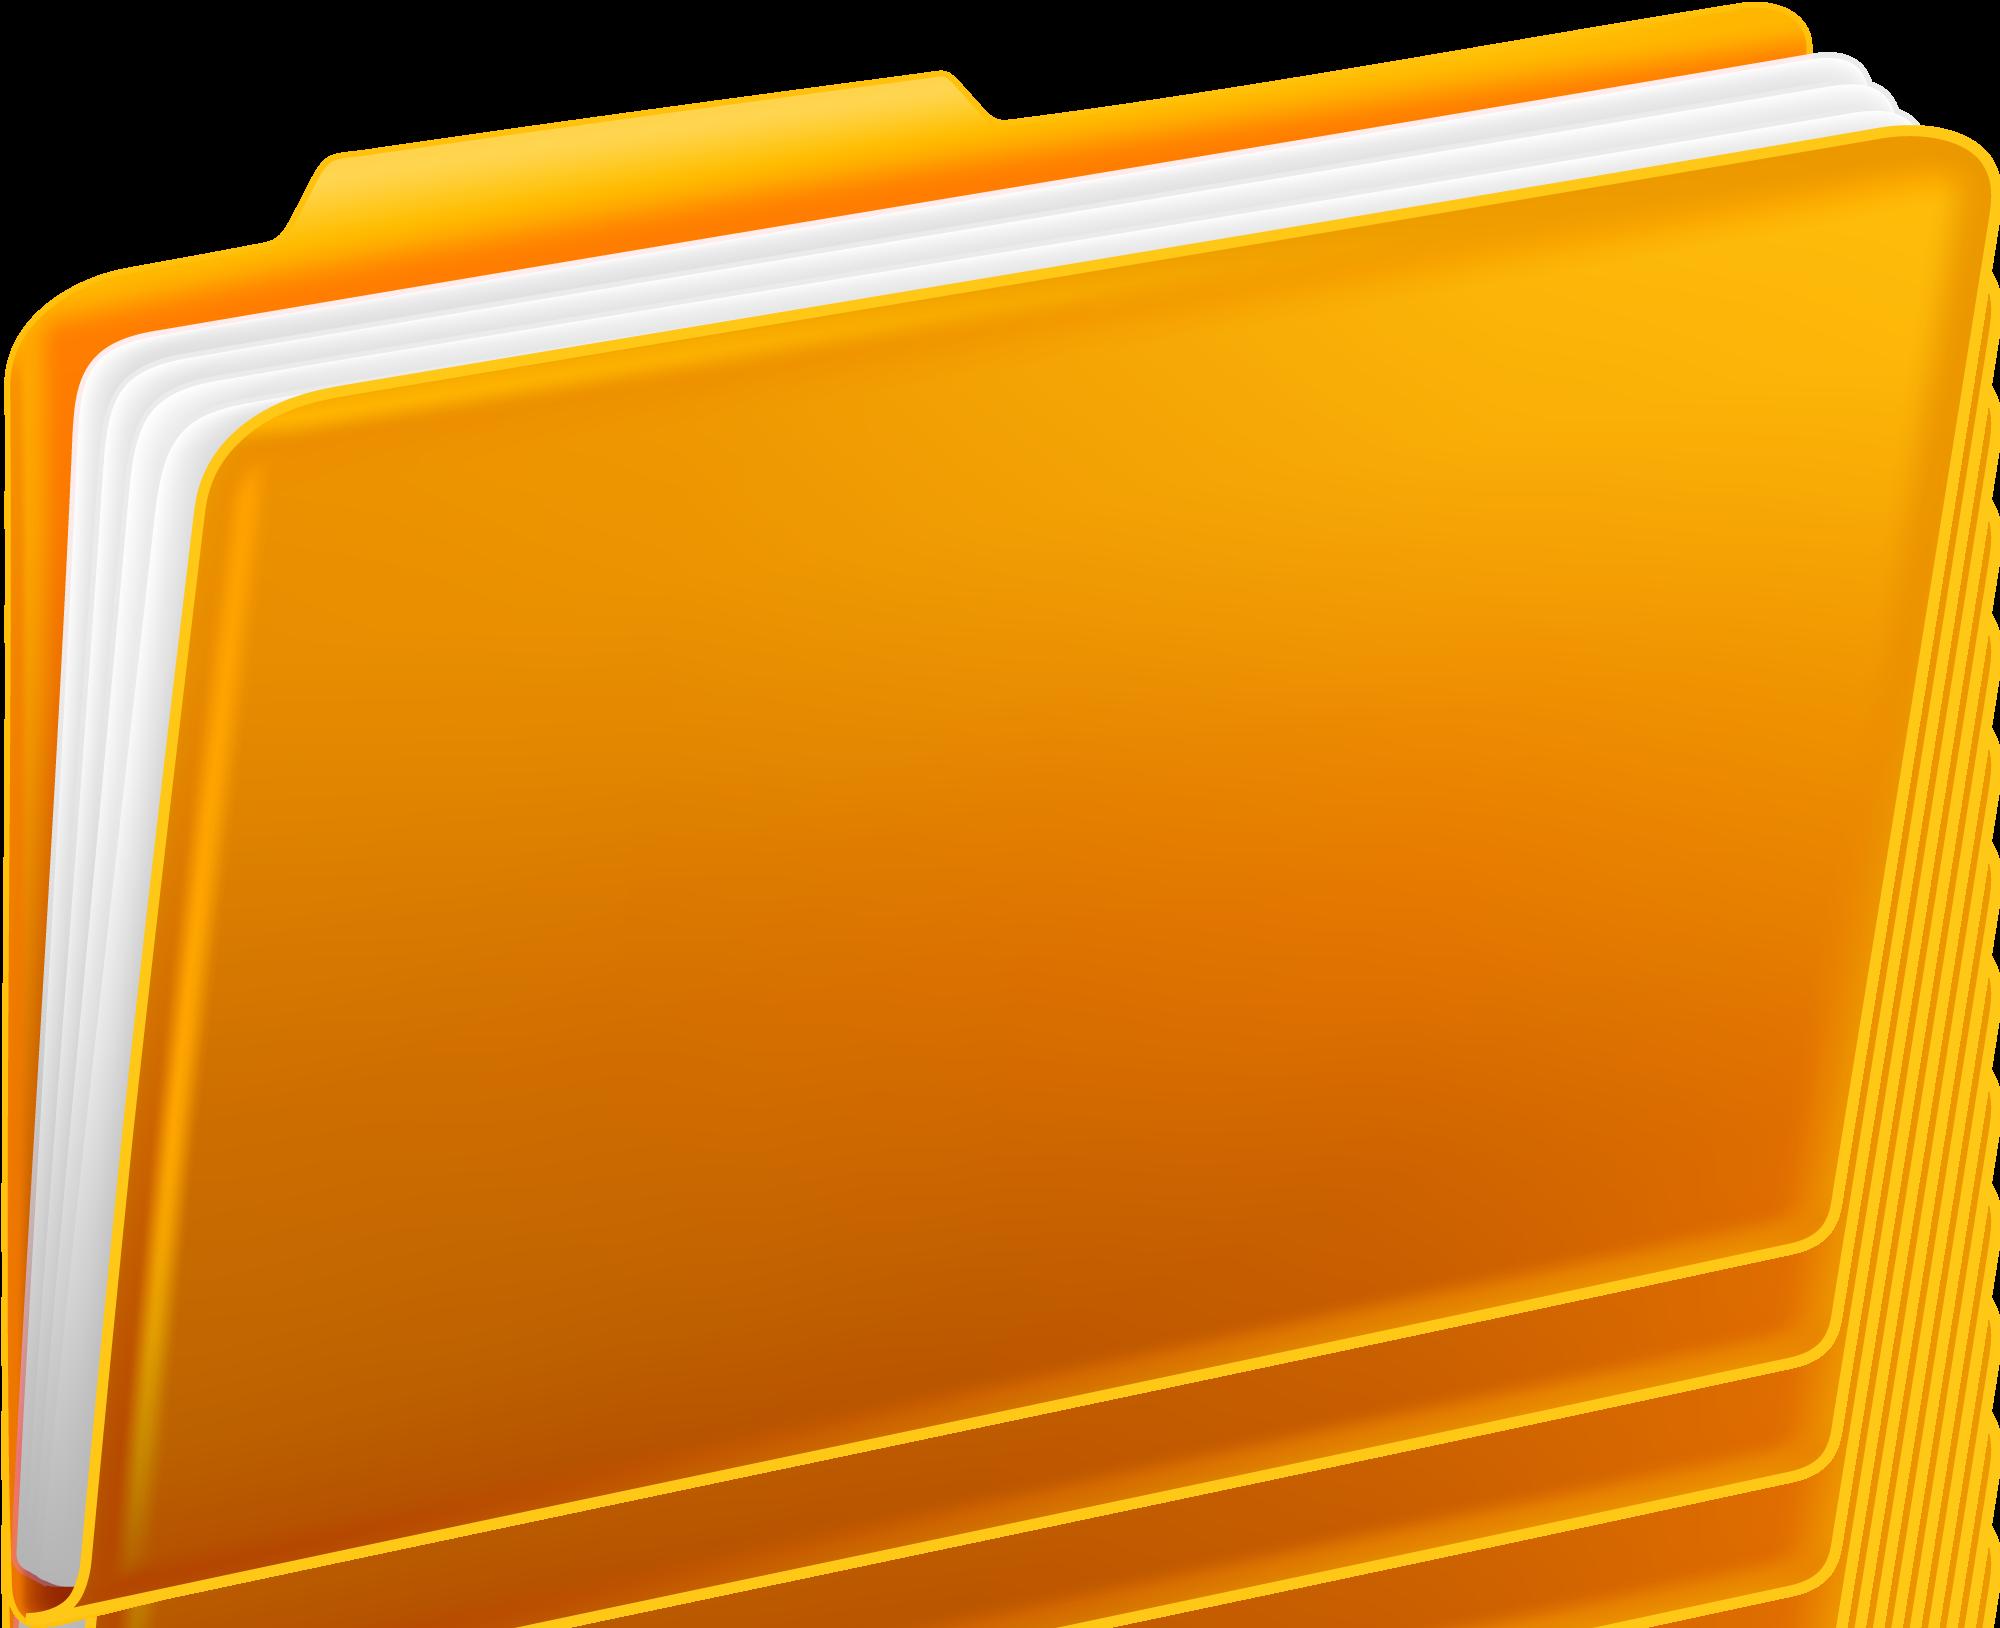 Folder PNG - 11449